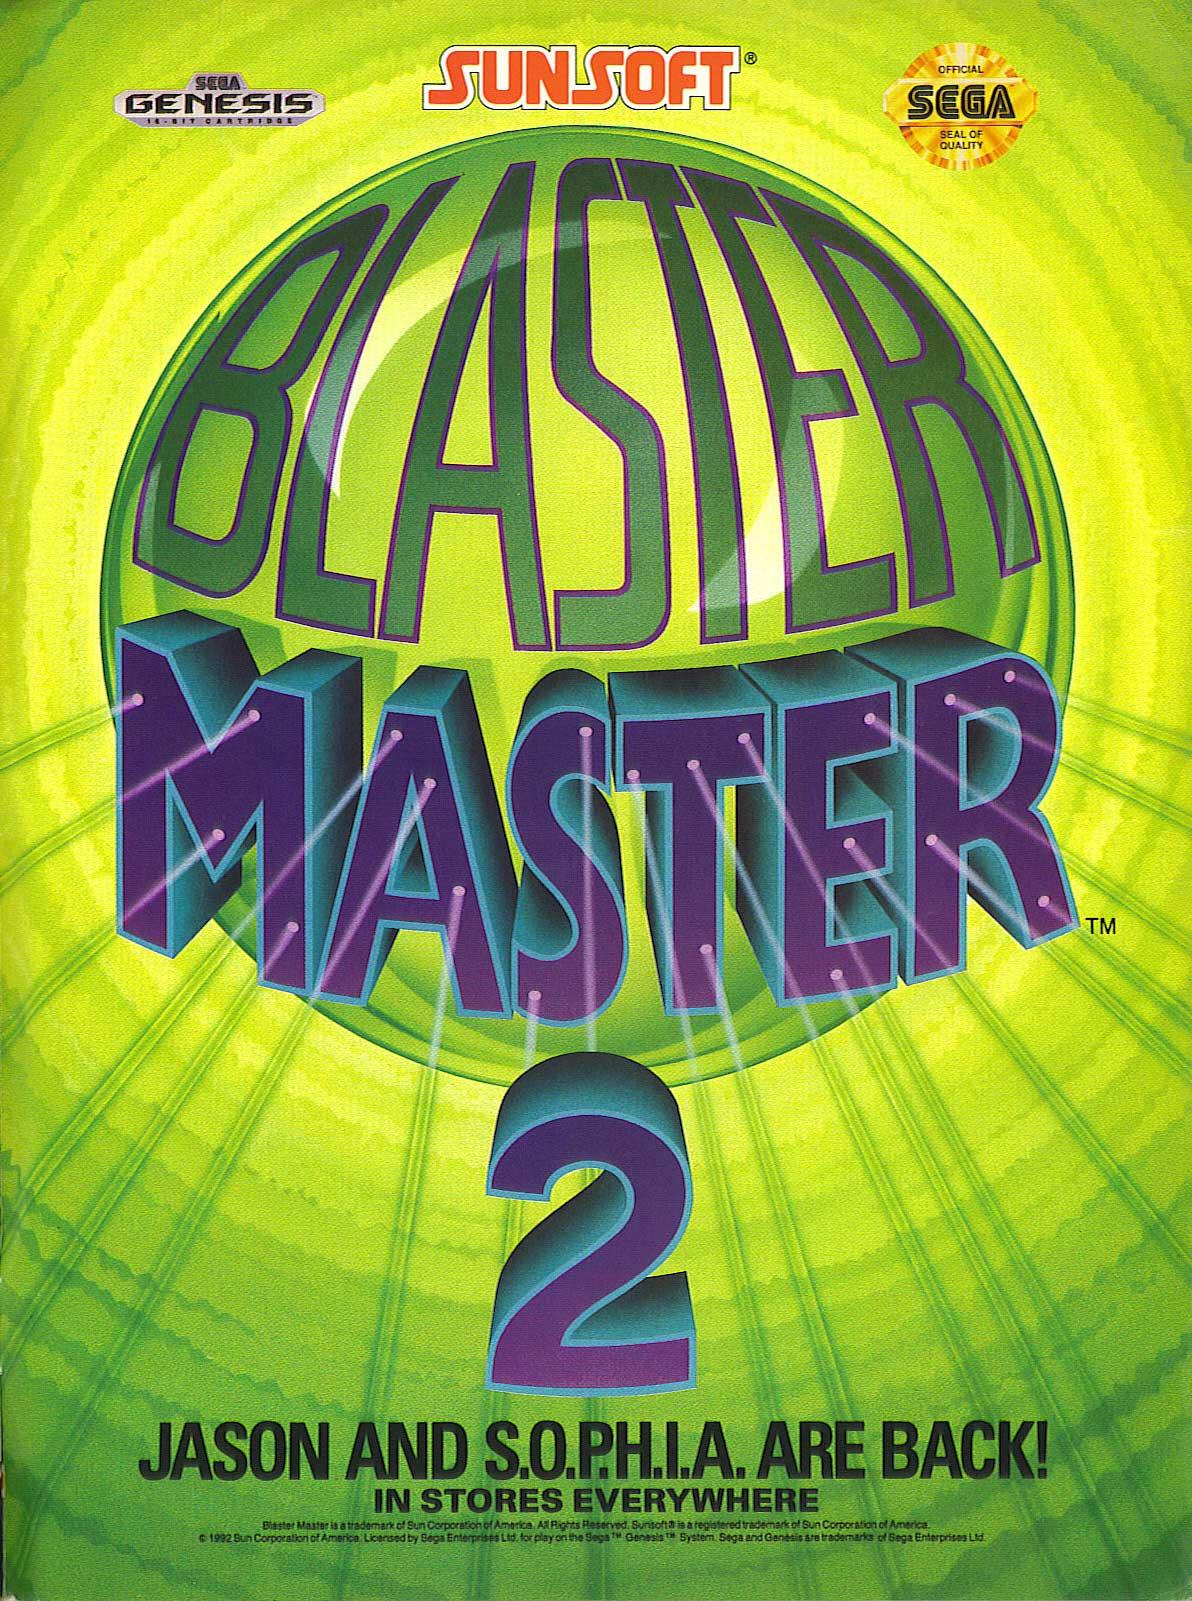 Blaster-Master-2